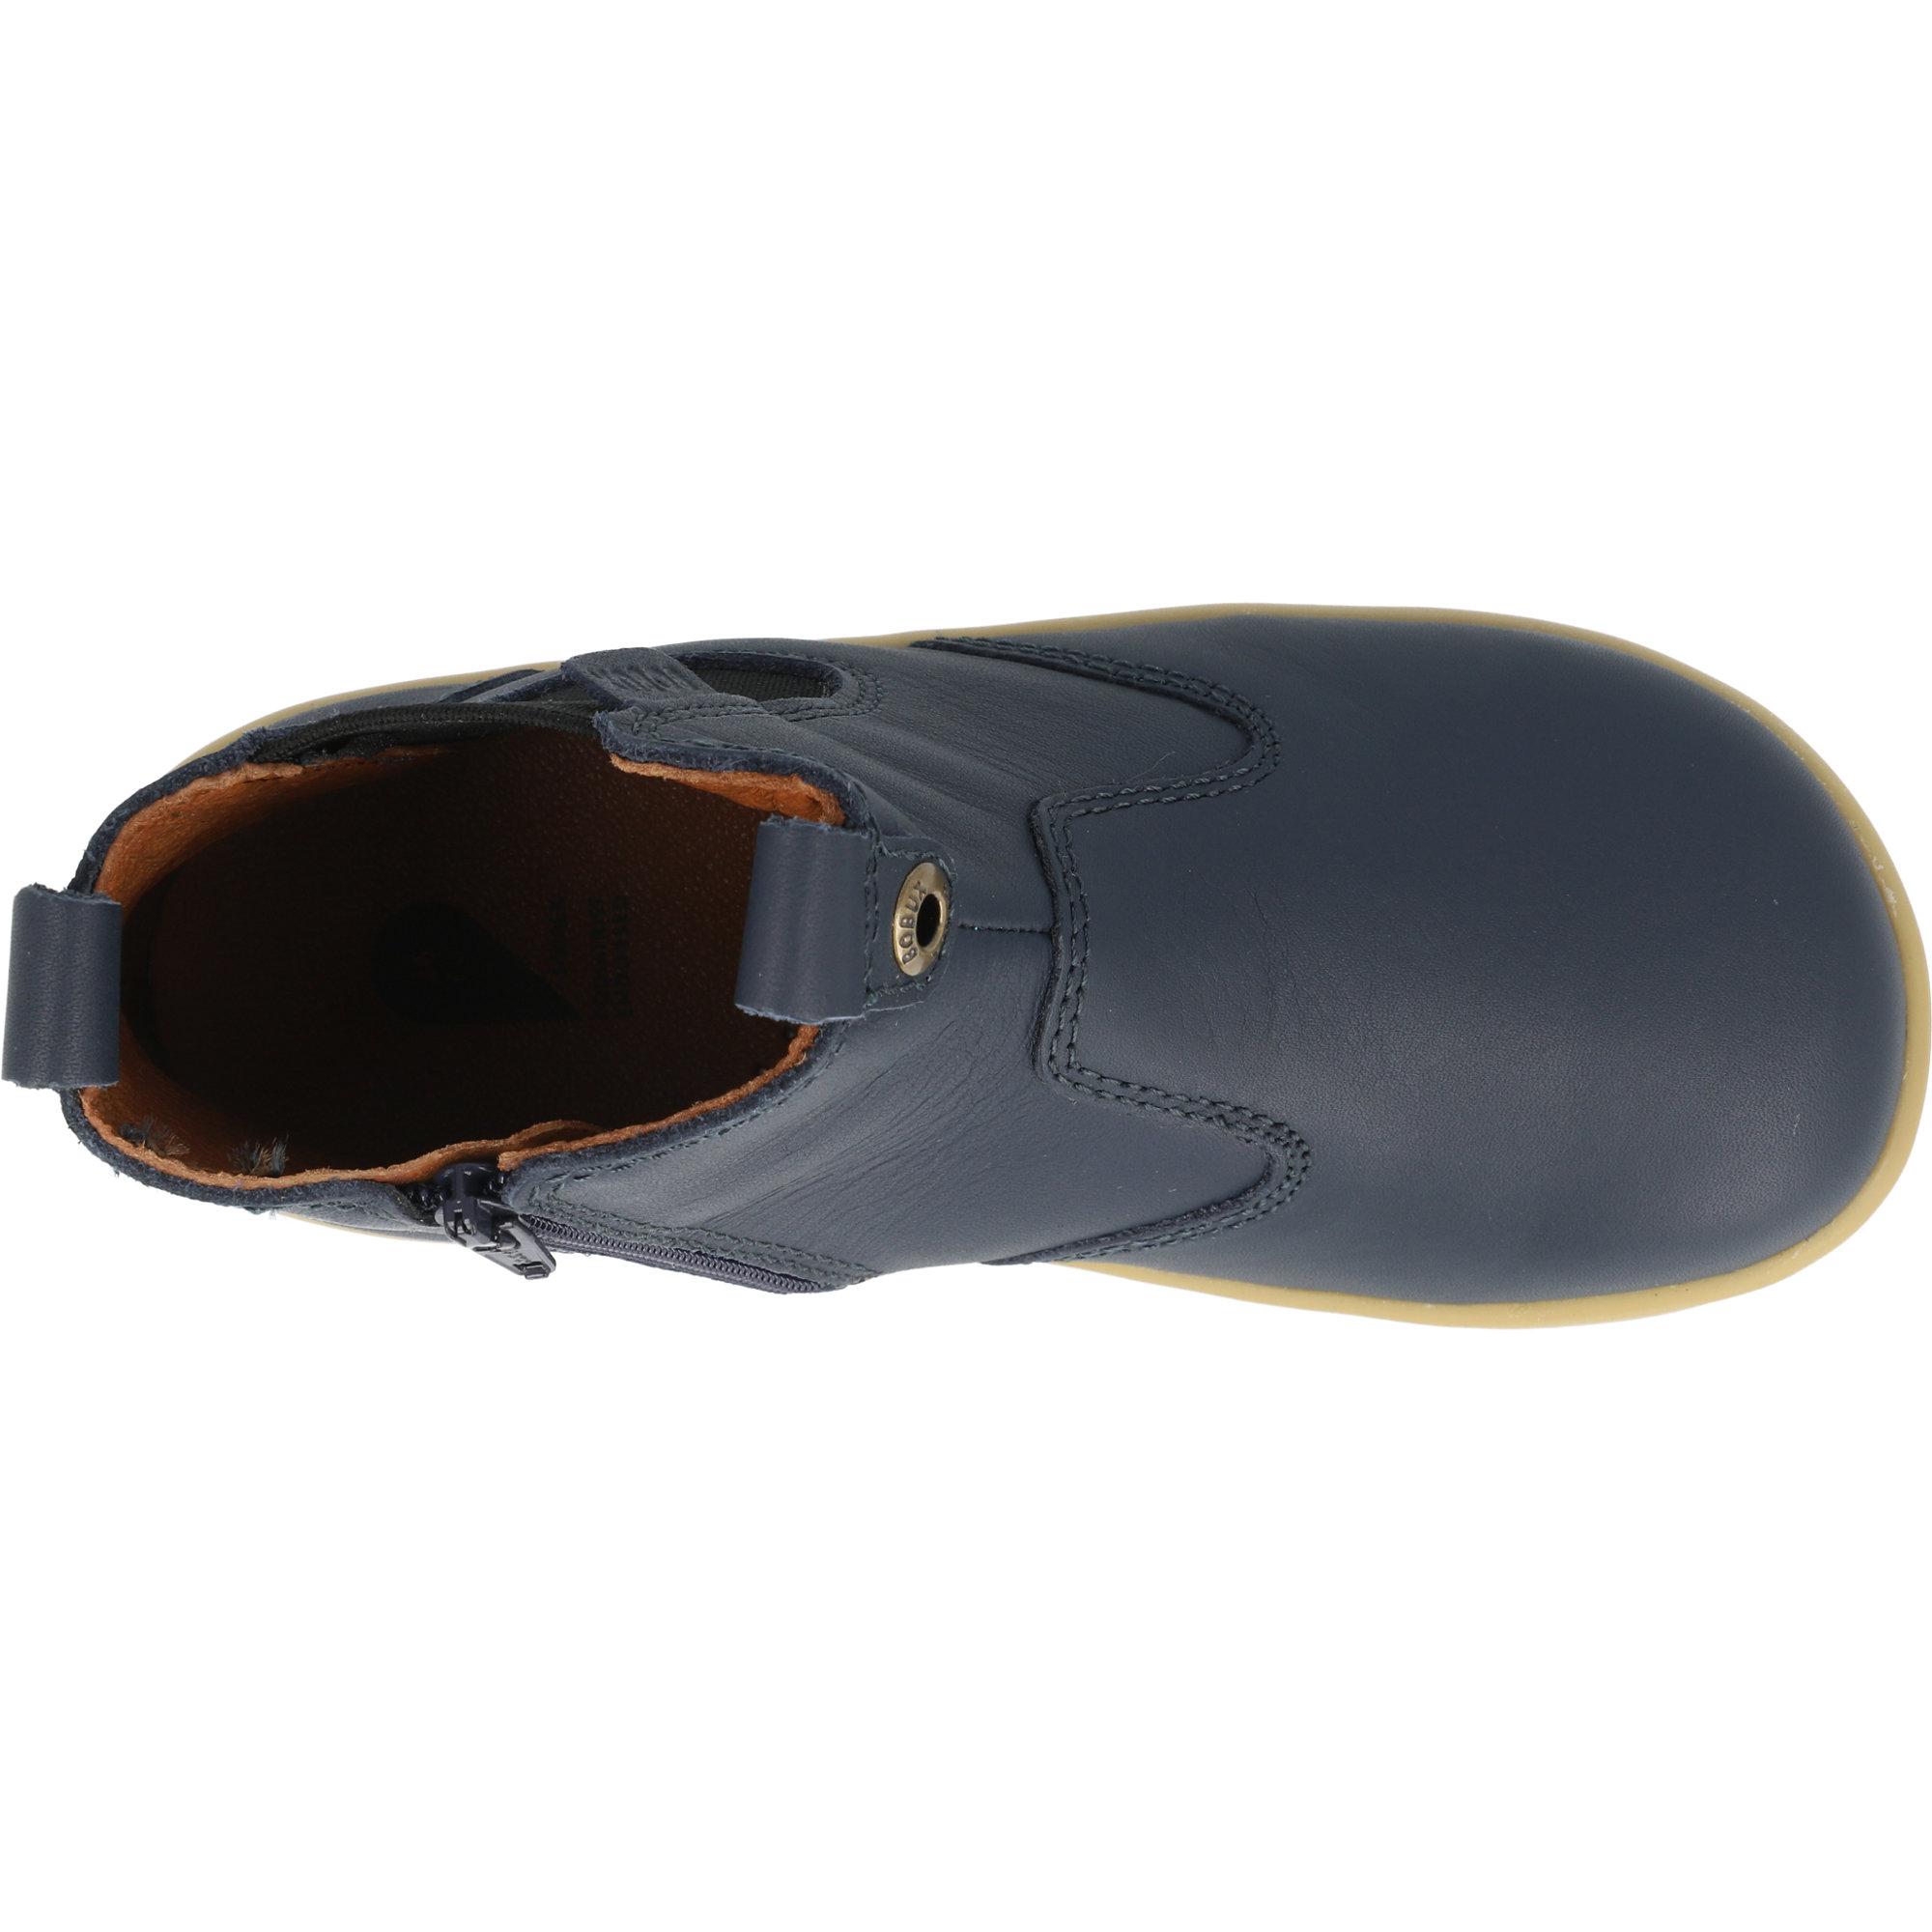 Bobux i-Walk Jodhpur Navy Leather